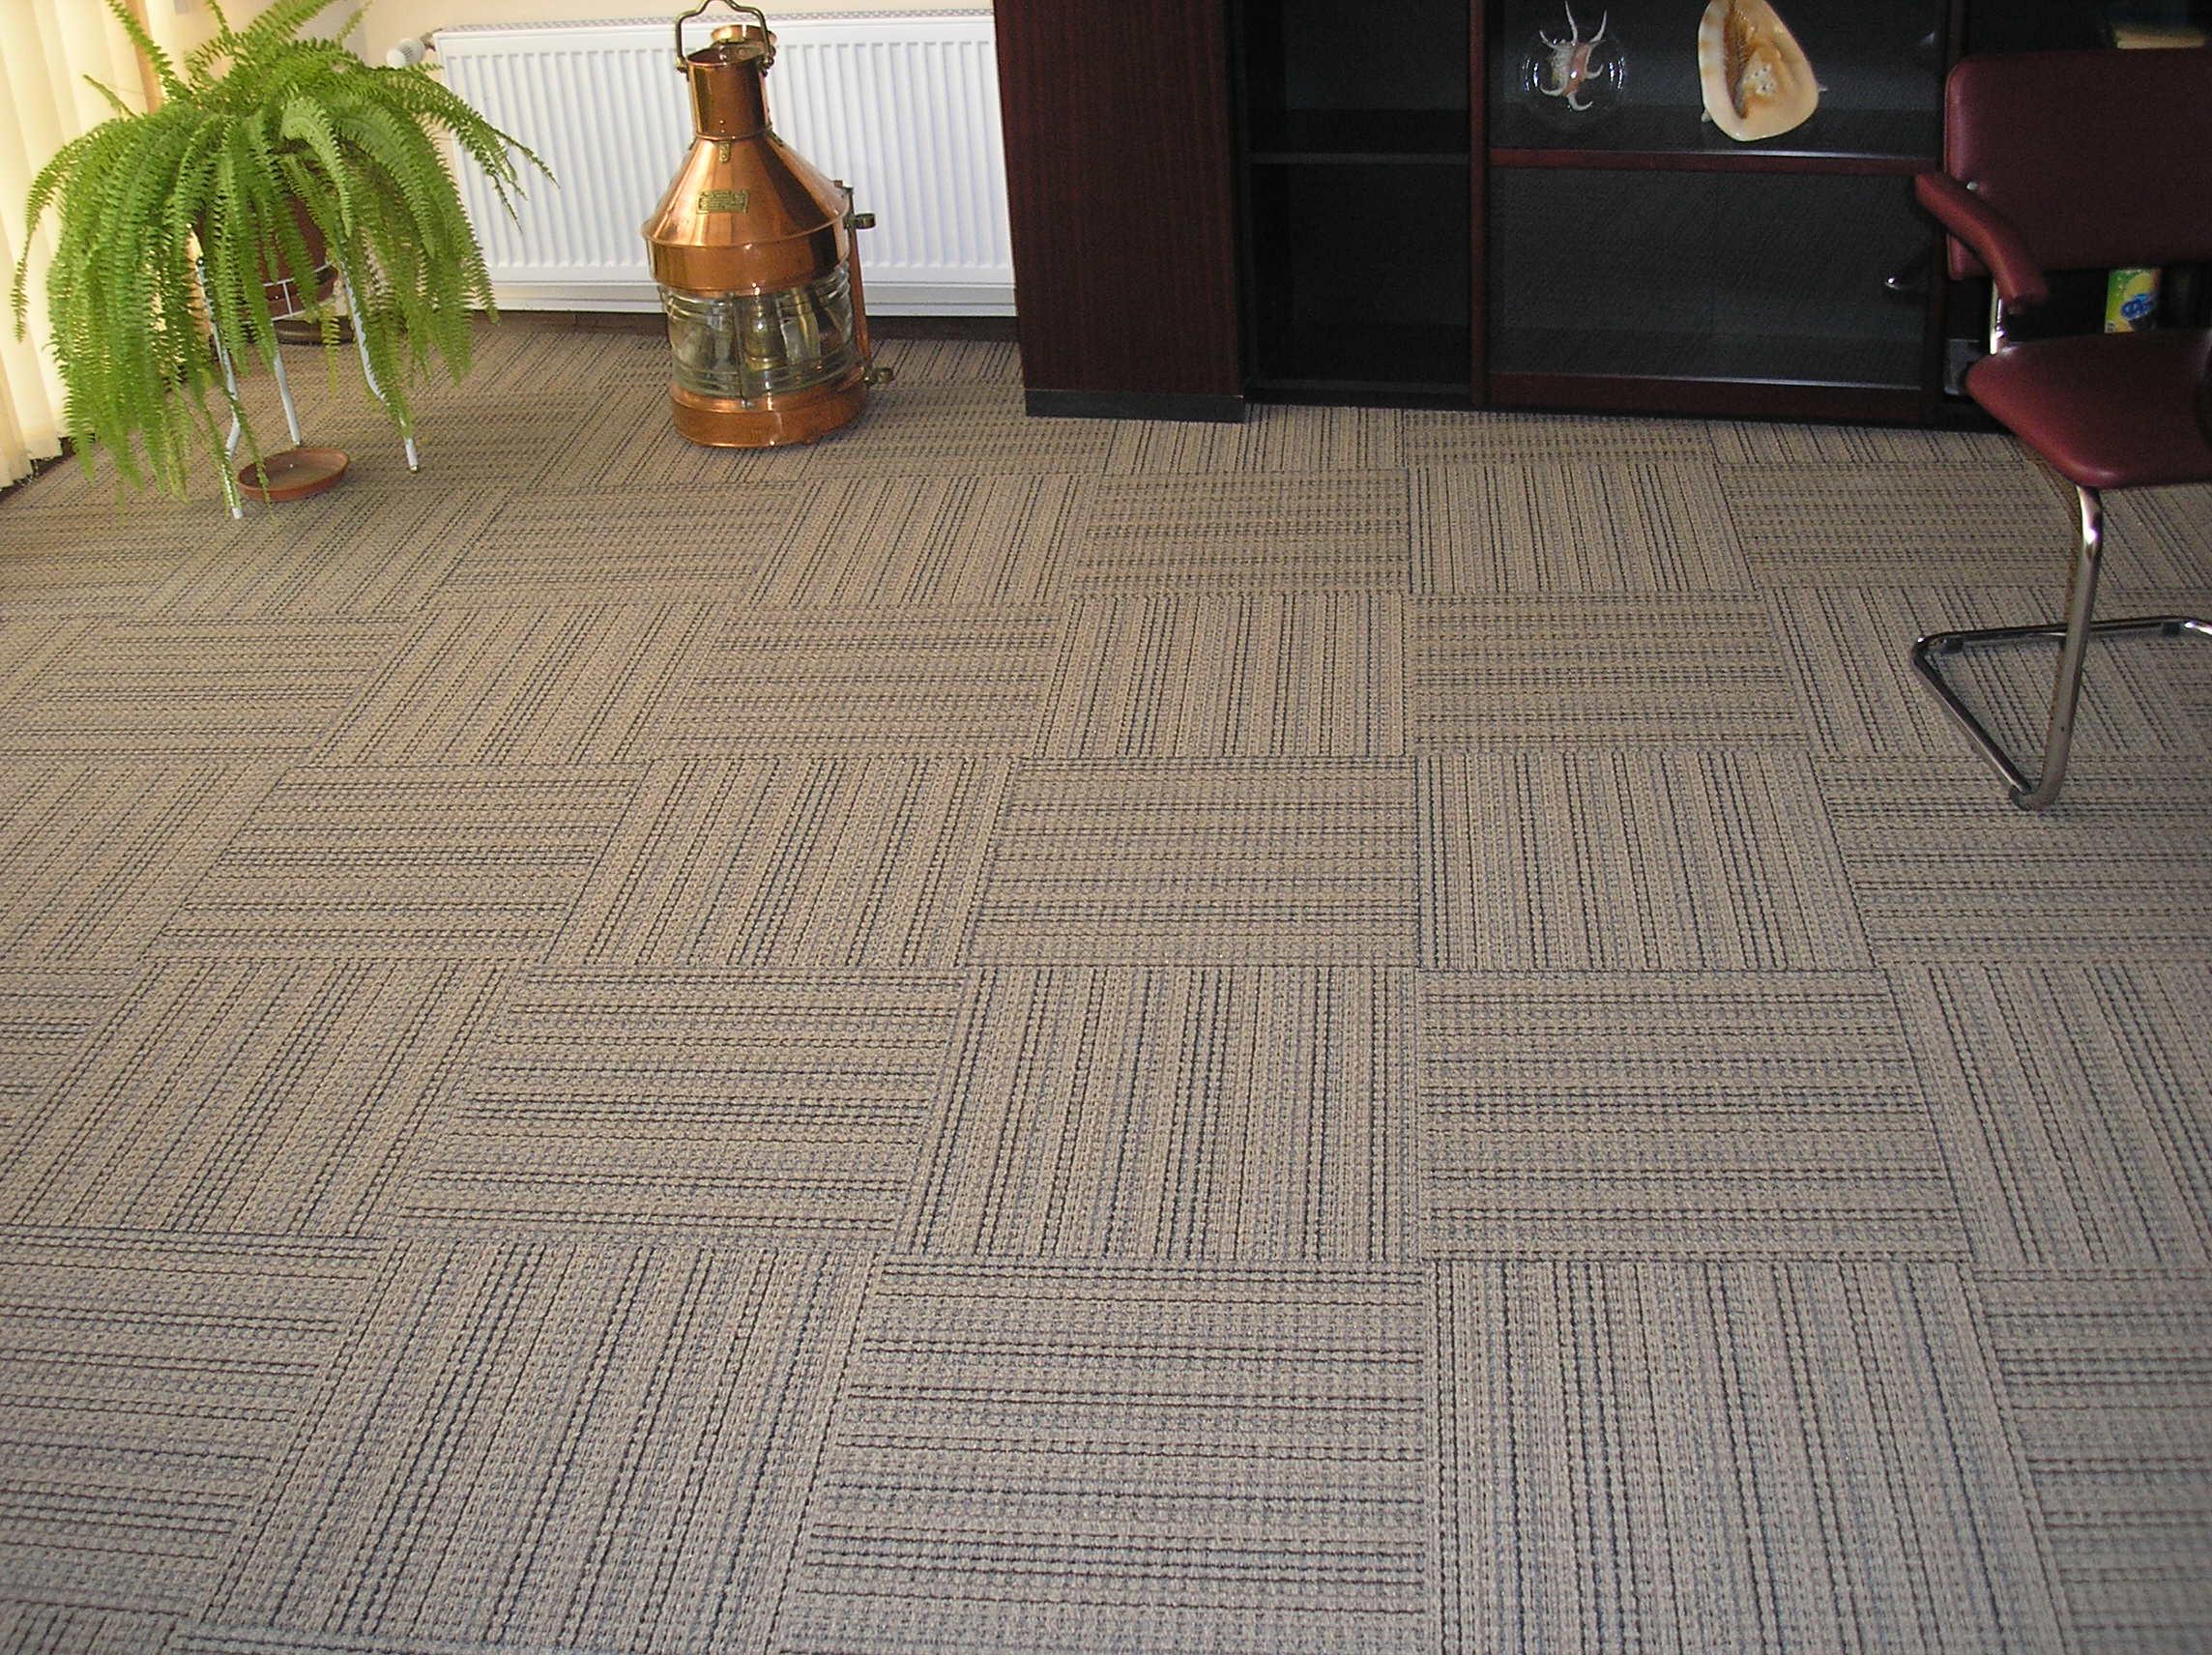 rковровая плитка, модульная ковровая плитка, Выбор ковровой плитки